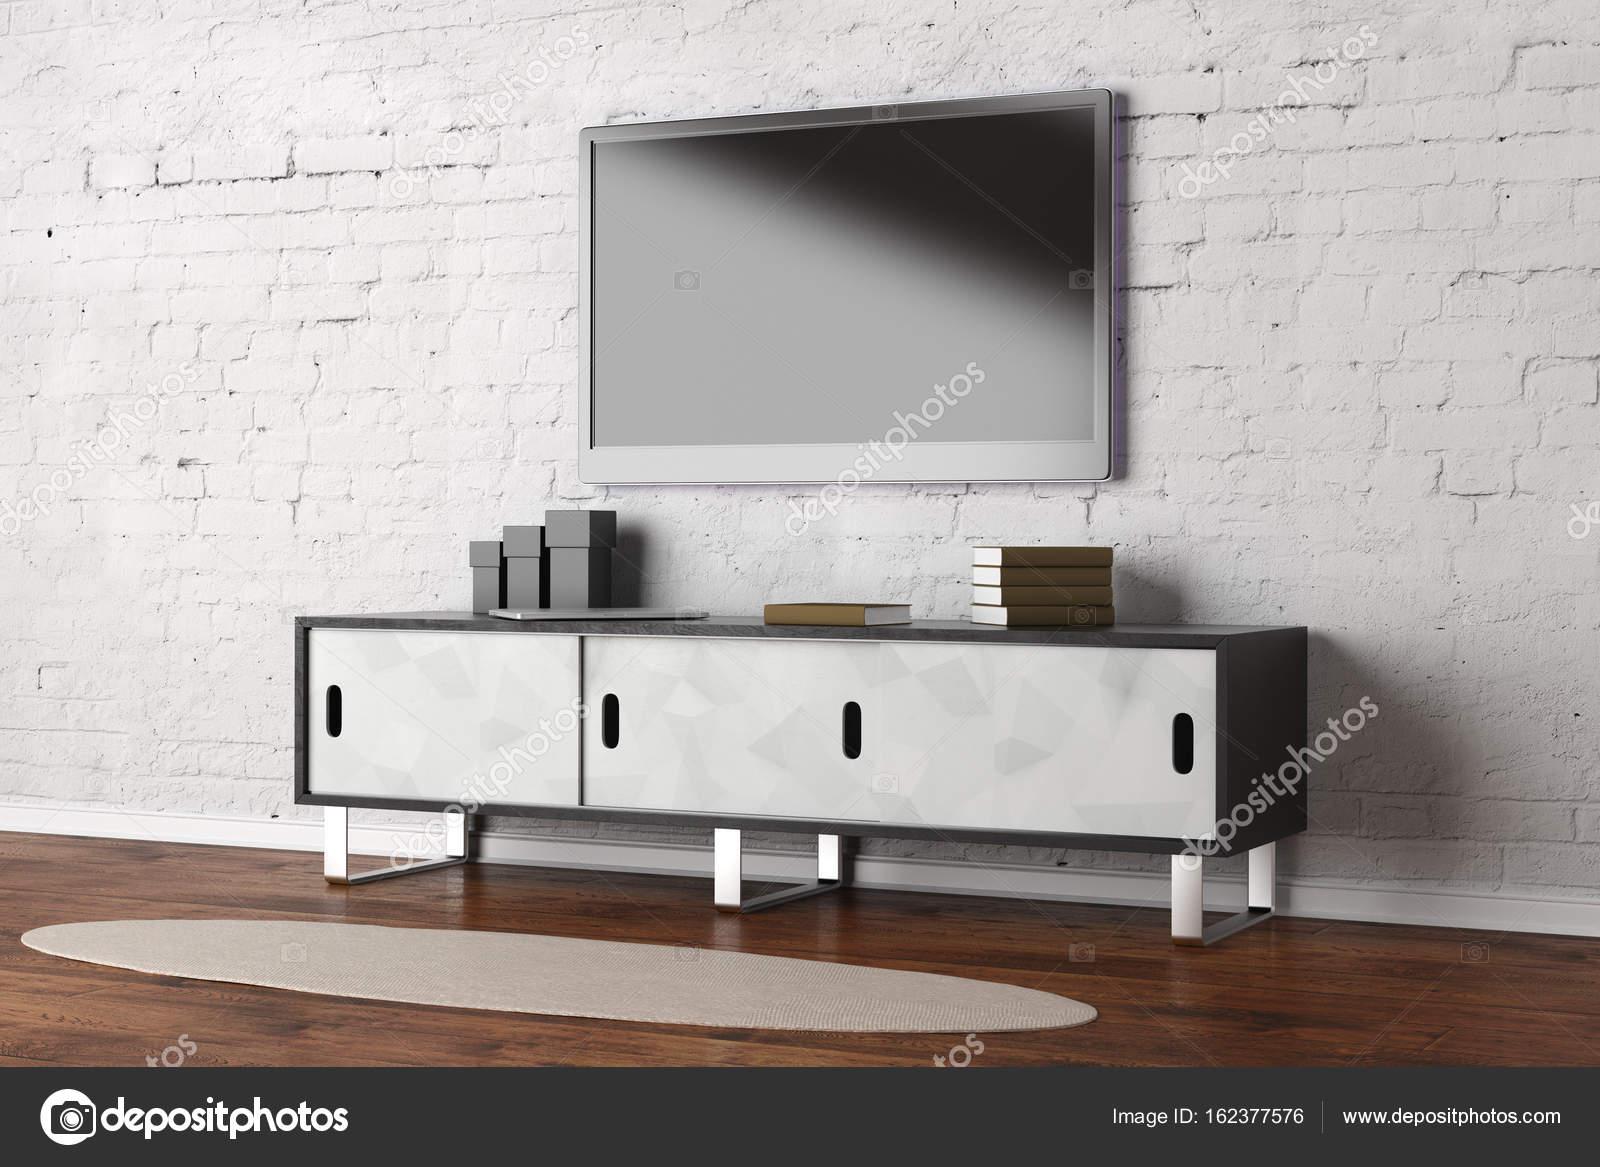 Tv In Vloer : Tv toestel met leeg scherm in woonkamer interieur met houten vloer